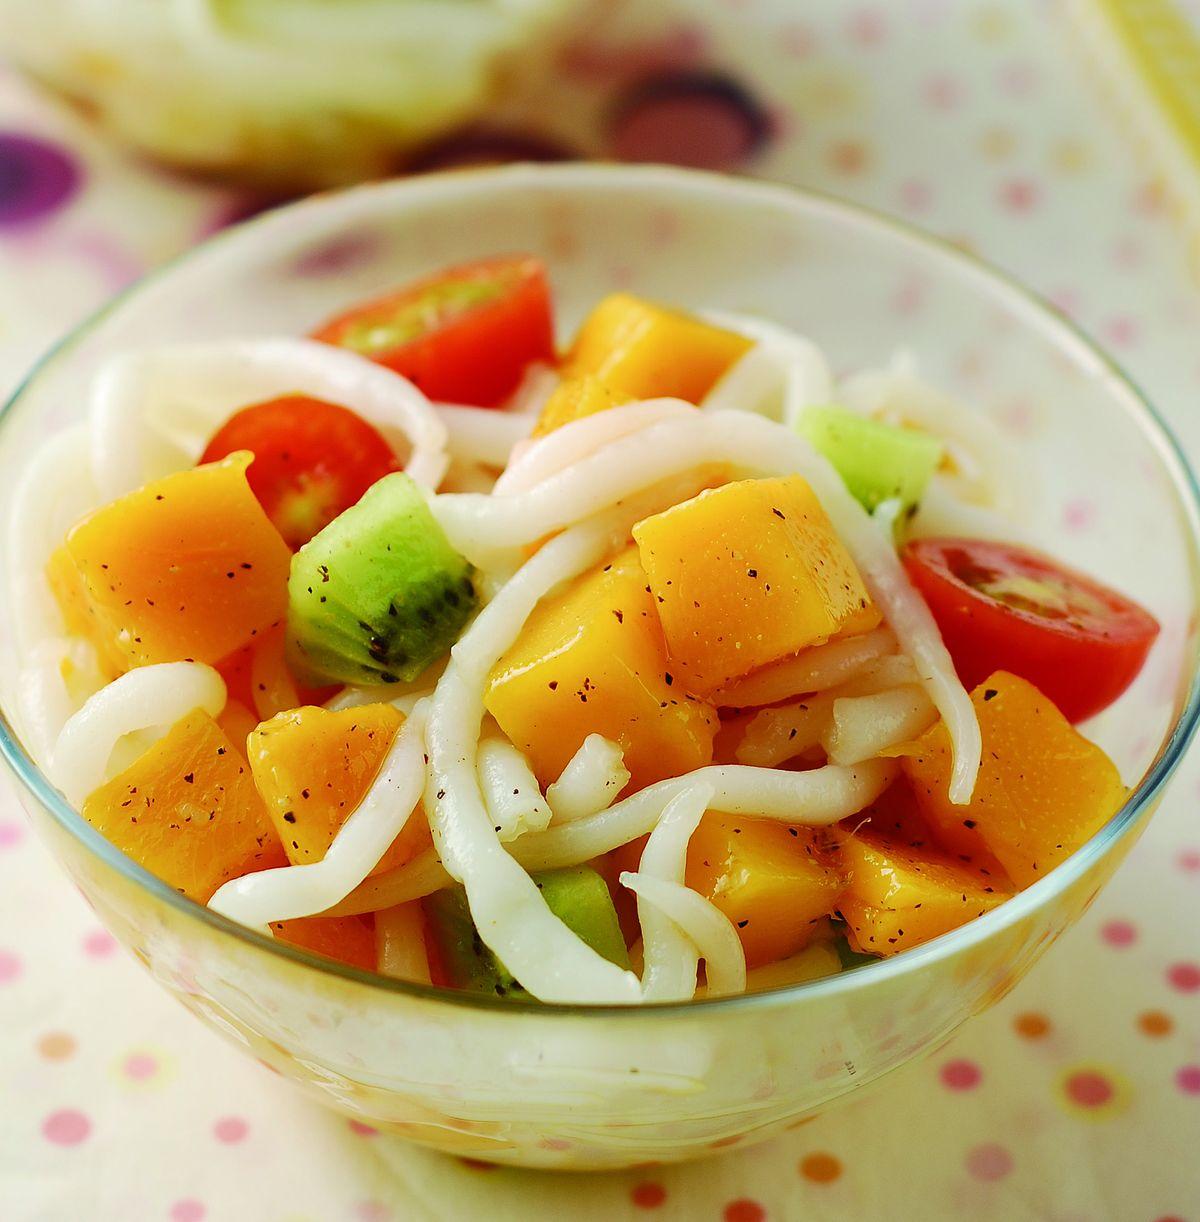 食譜:芒果米苔目沙拉